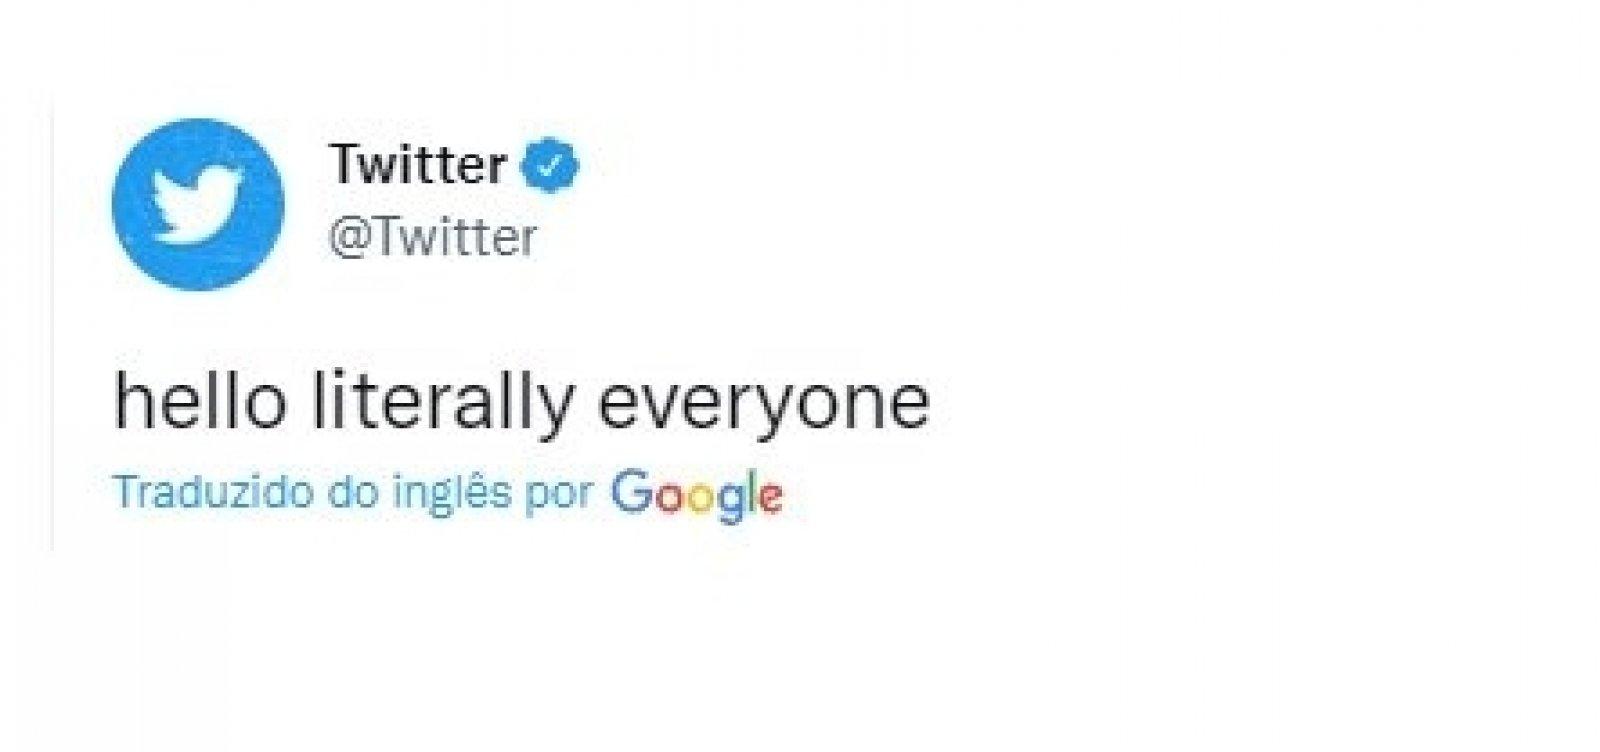 """Fora da pane generelizada, Twitter ironiza demais redes sociais: """"Olá, literalmente a todos"""""""